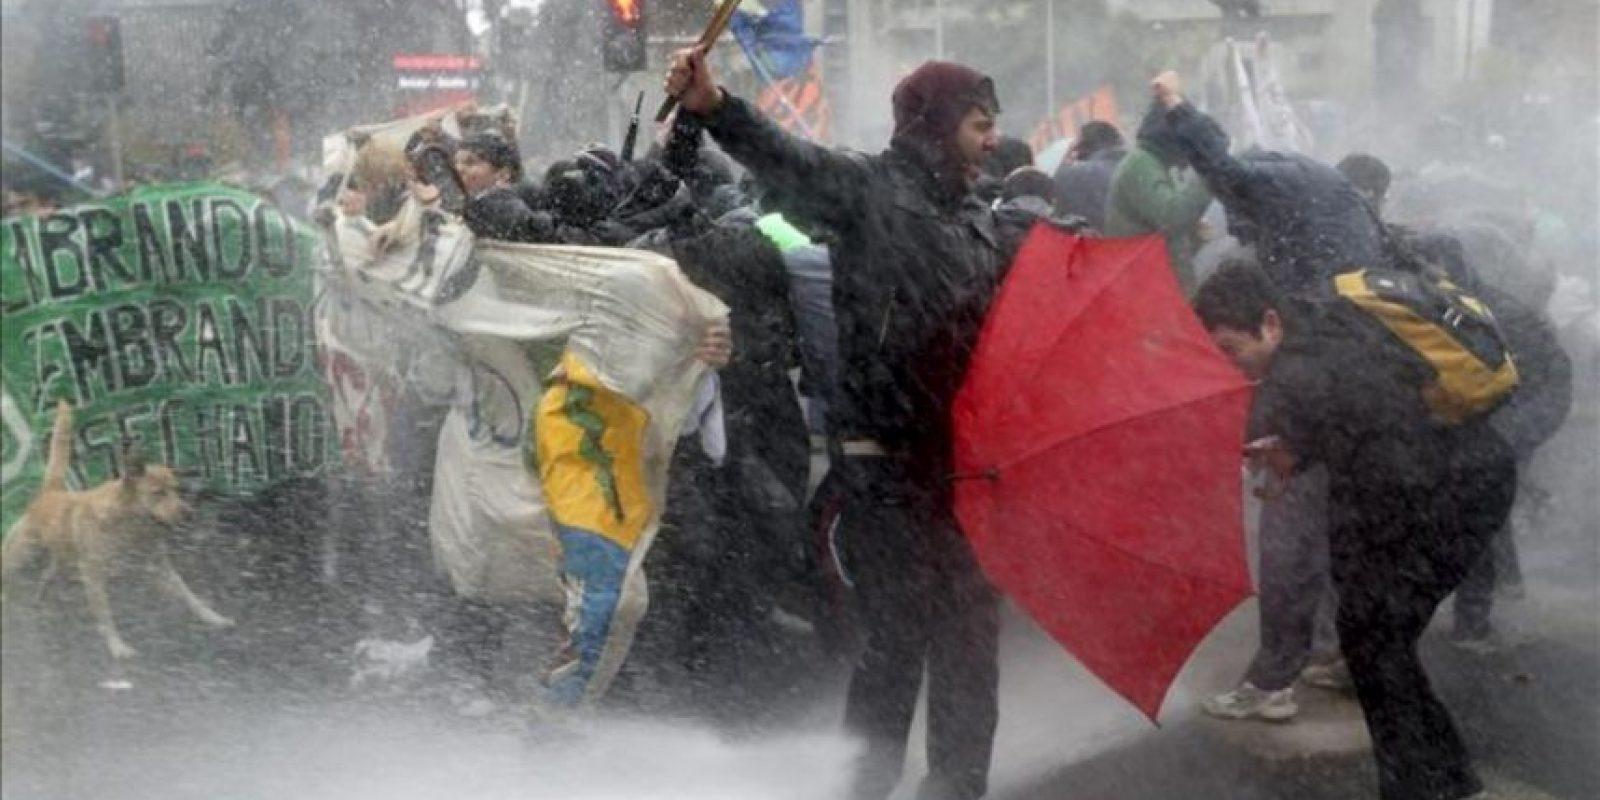 Varios manifestantes se protegen del vehículo lanzaaguas durante los incidentes en una marcha de estudiantes universitarios y secundarios hoy, martes 28 de mayo de 2013, en el centro de Santiago de Chile, donde la policía chilena disolvió con chorros de agua y gases lacrimógenos la protesta que no contaba con el permiso de las autoridades. EFE